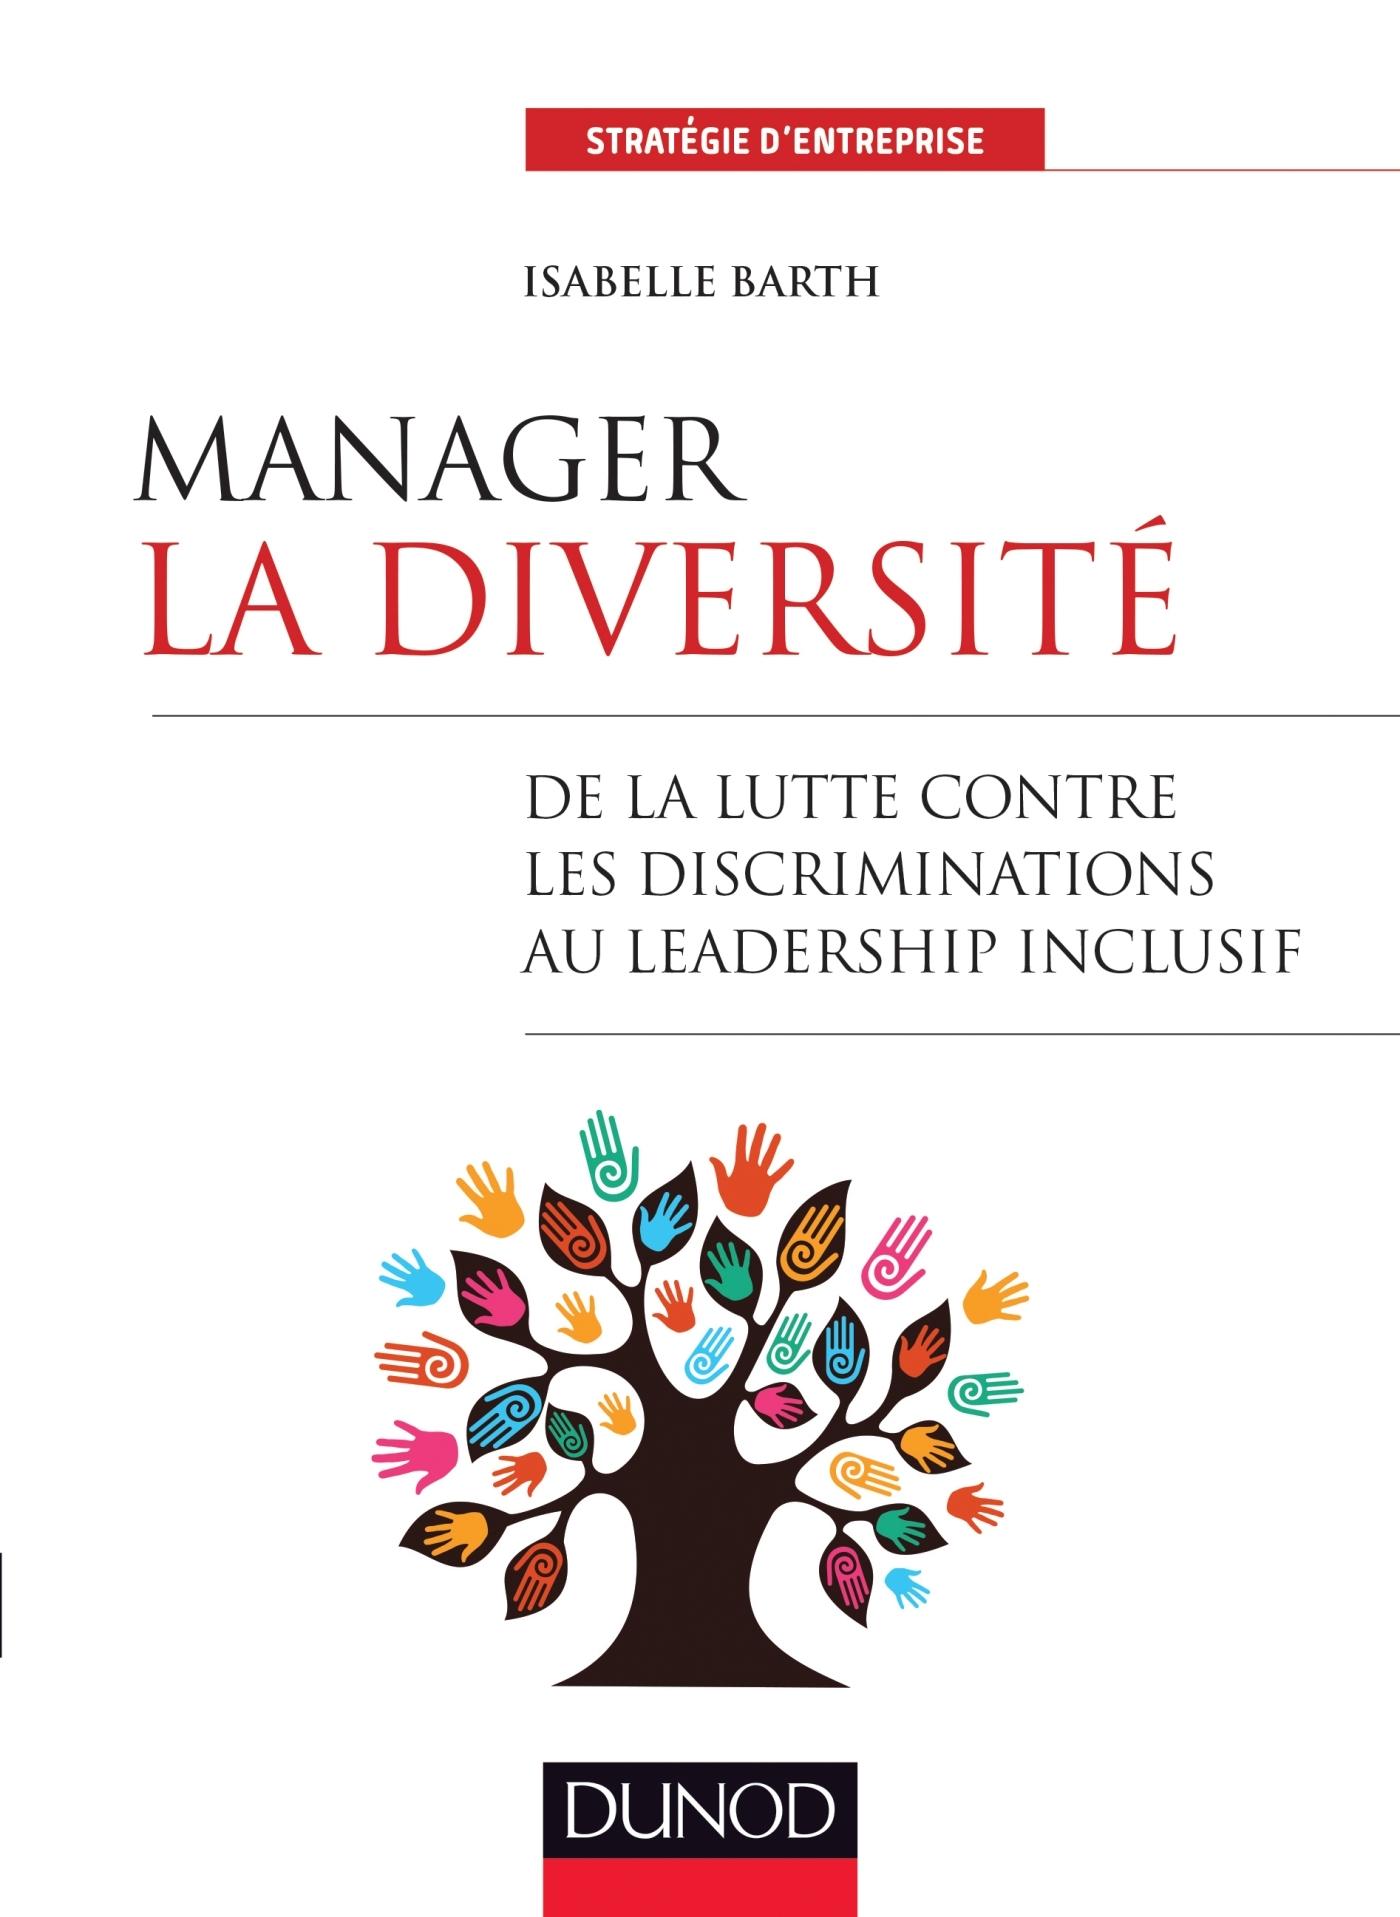 MANAGER LA DIVERSITE - DE LA LUTTE CONTRE LES DISCRIMINATIONS AU LEADERSHIP INCLUSIF